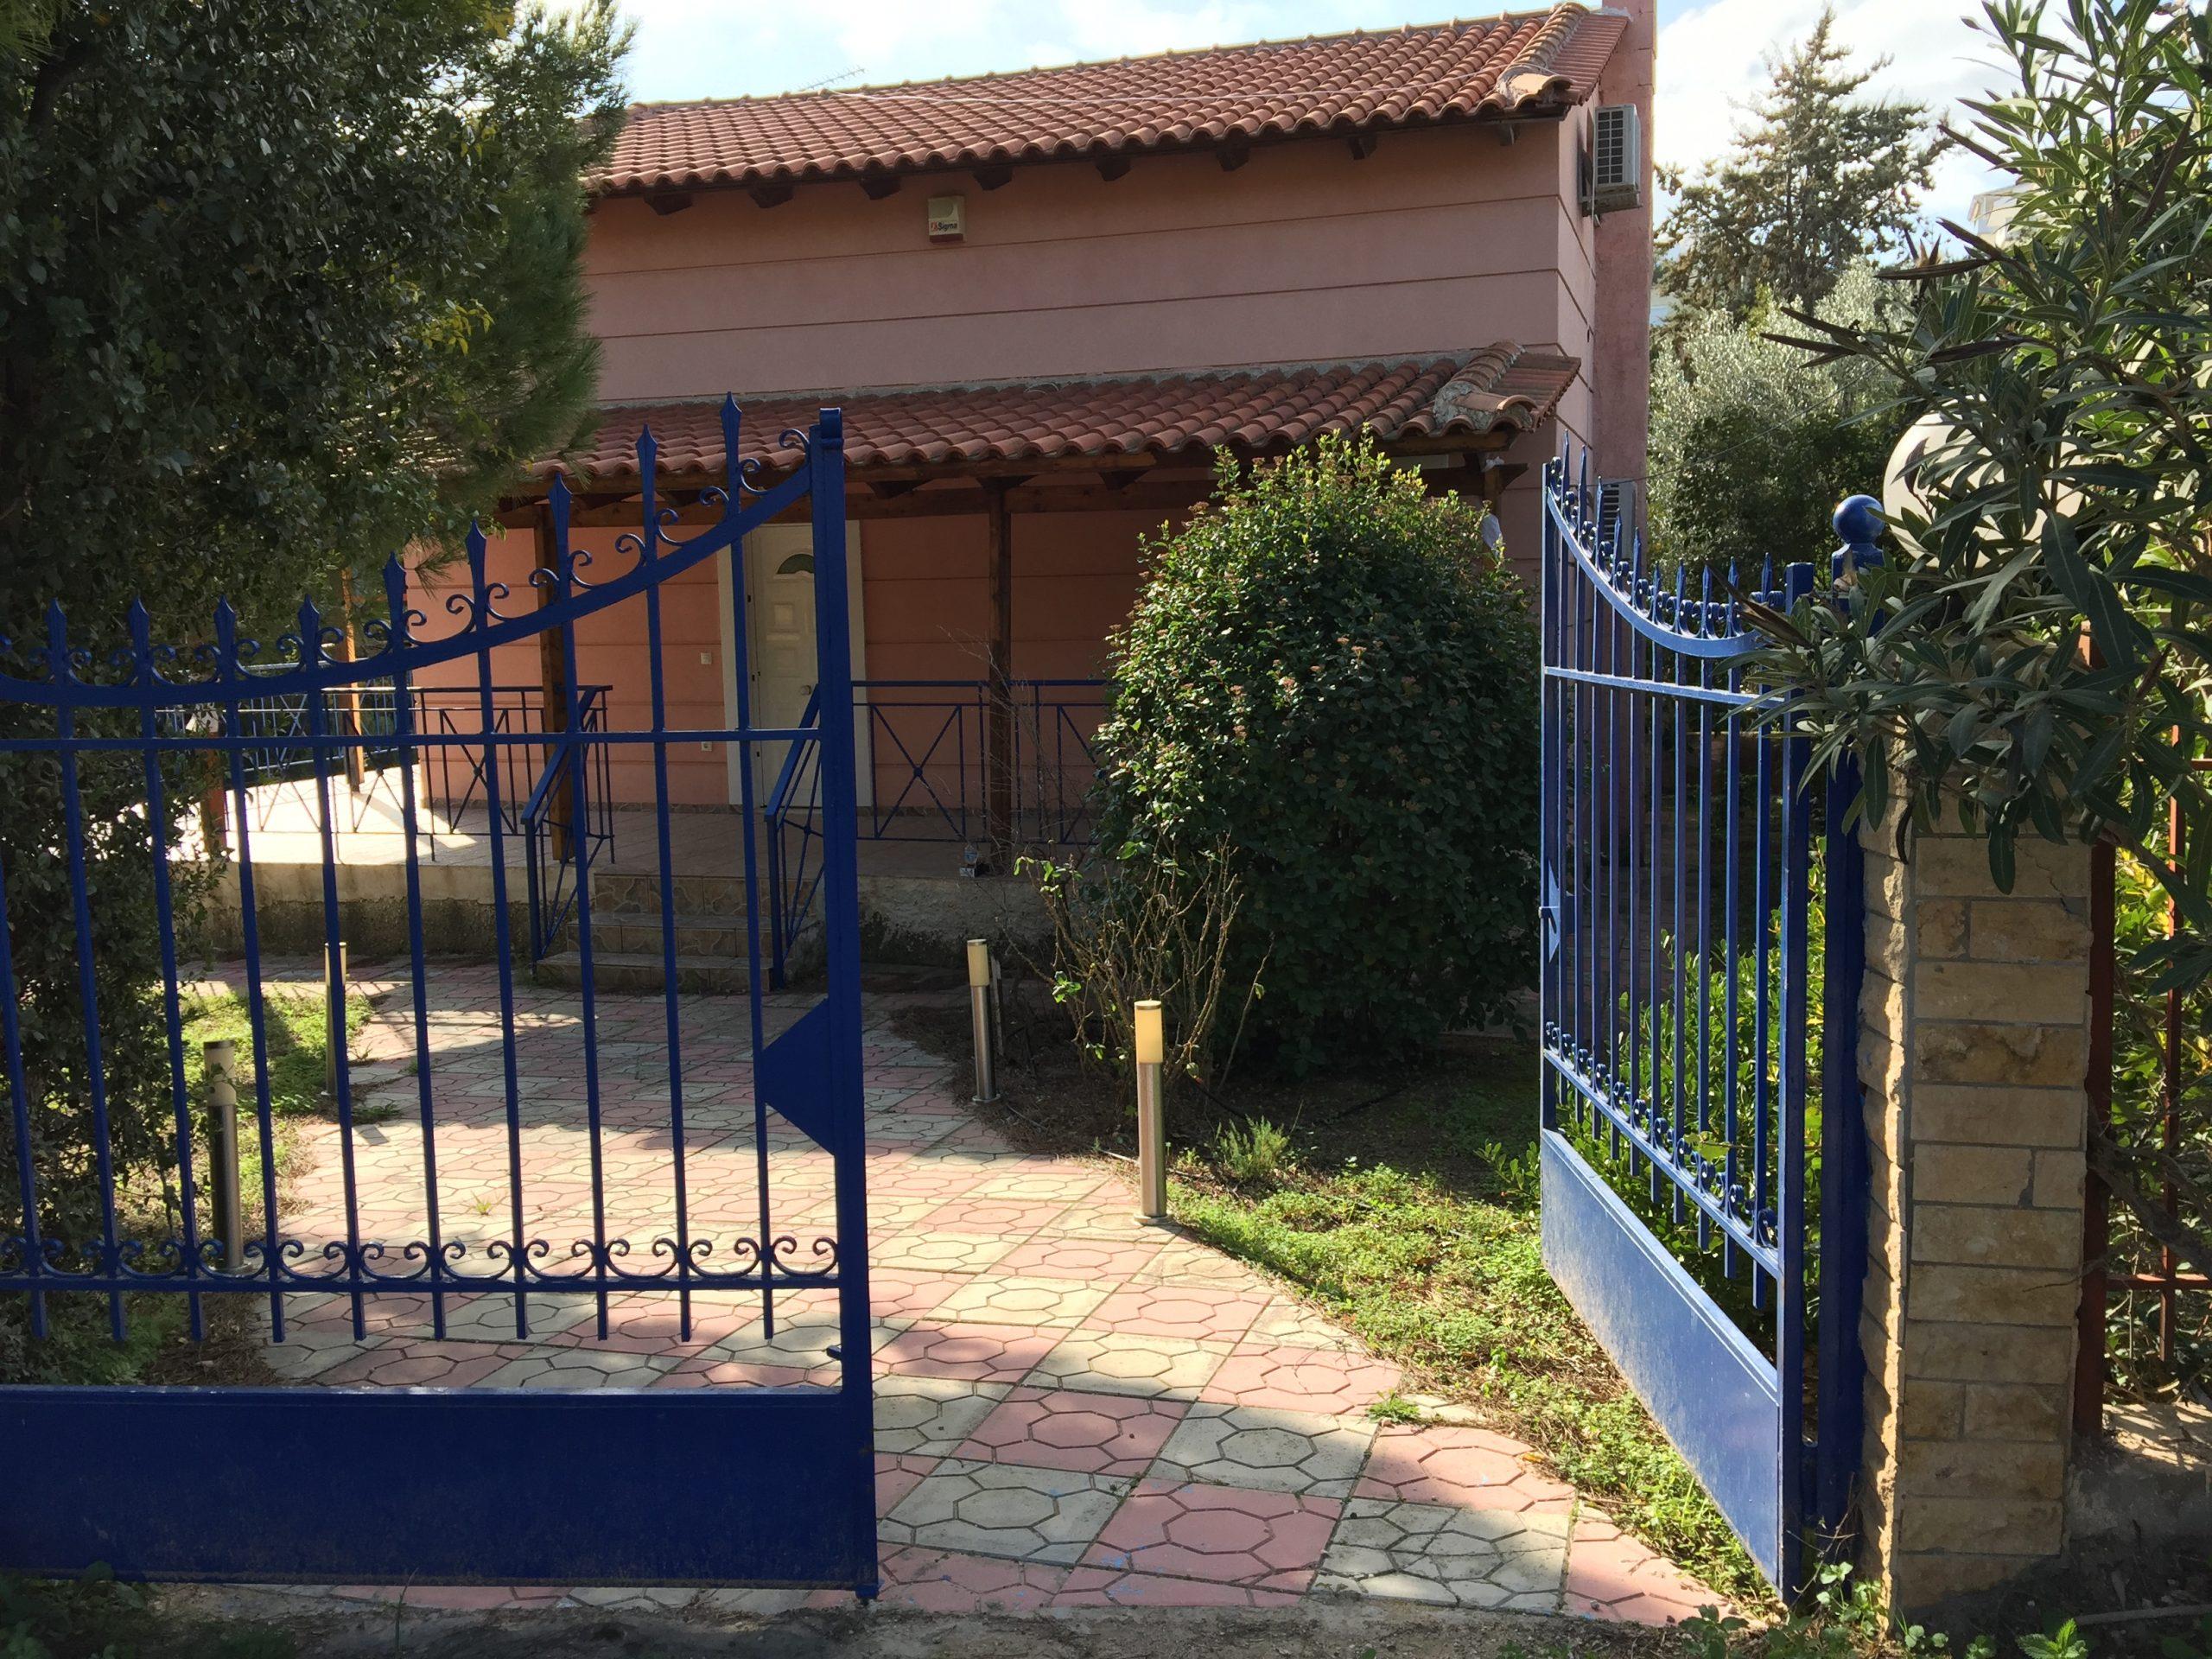 בית פרטי למכירה בפורטו ראפטי